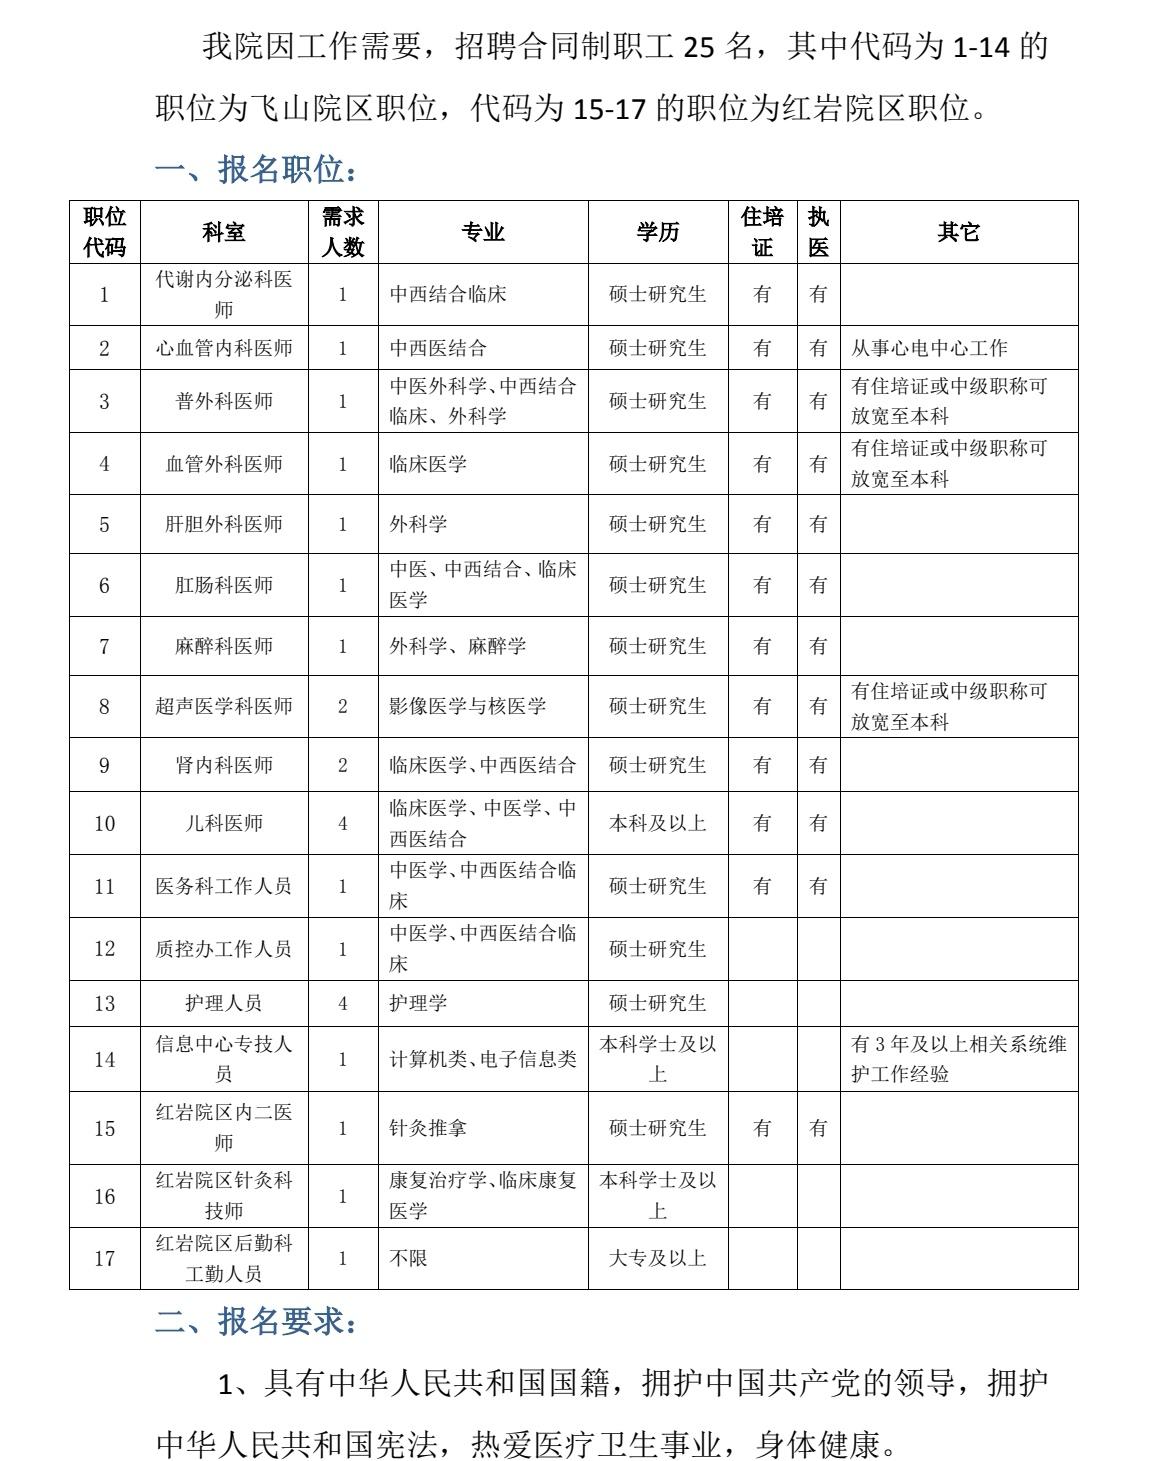 贵州中医药大学第二附属医院合同制职工招聘25人公告图1